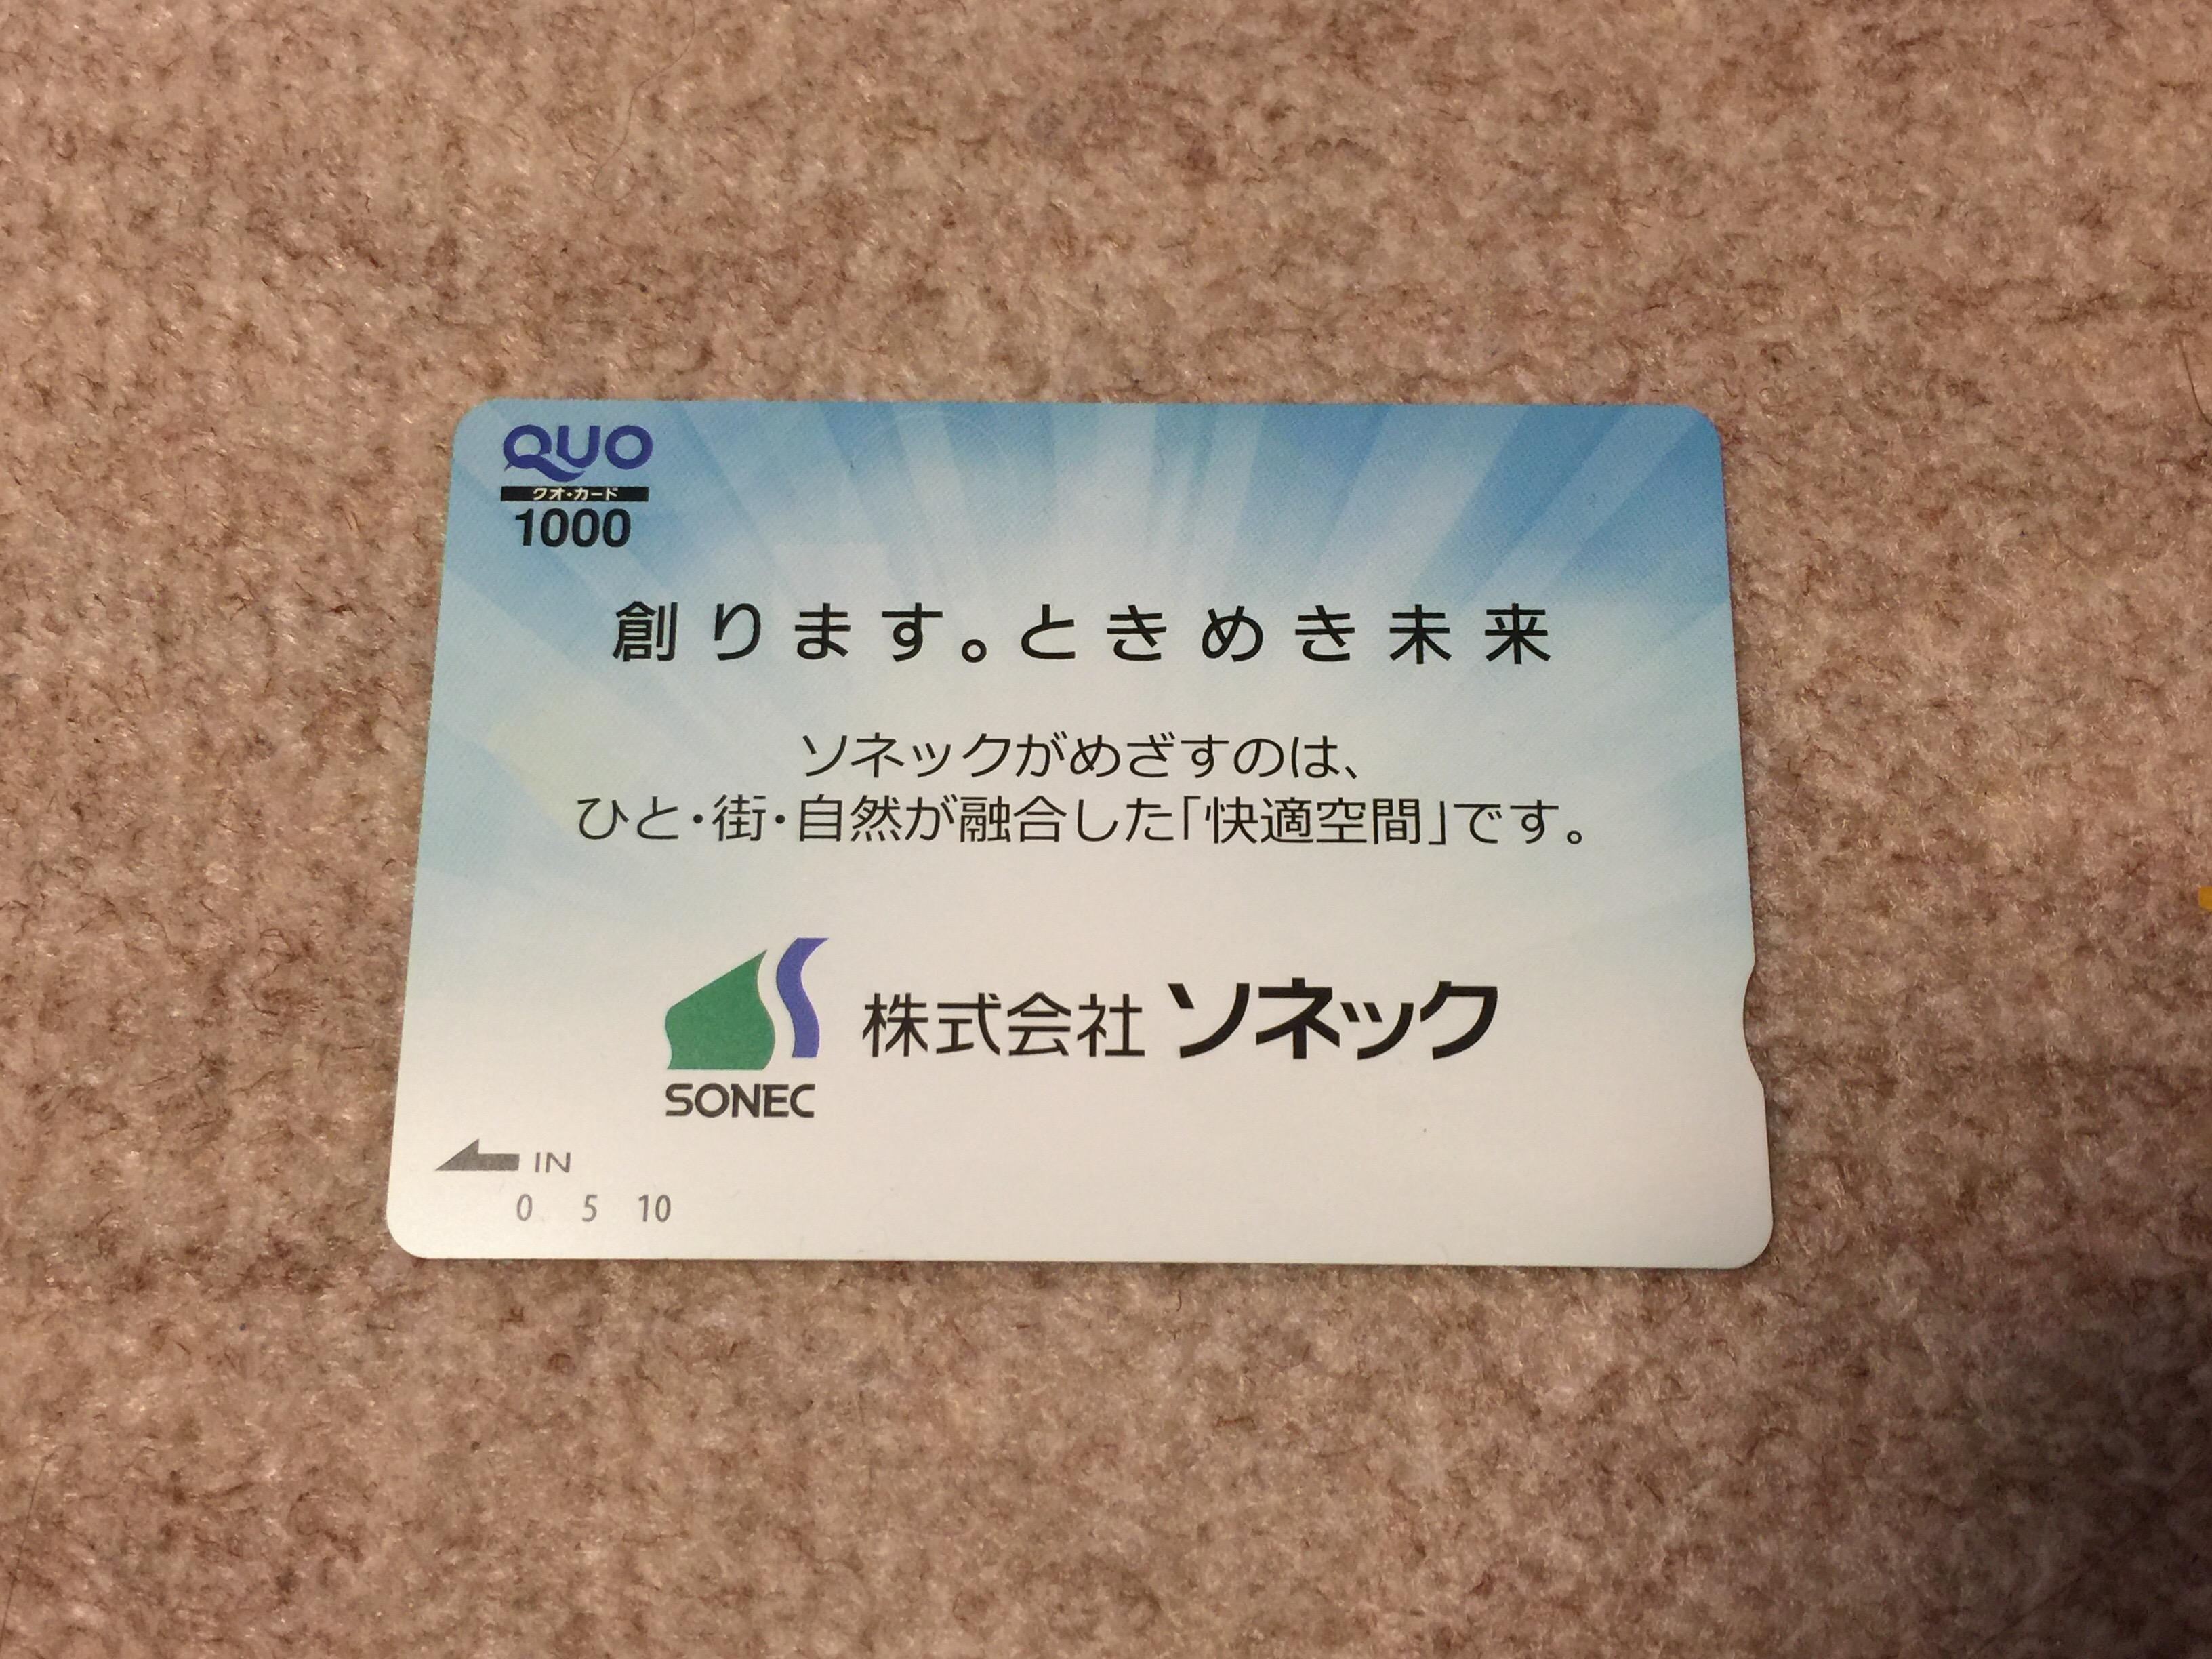 株価安定銘柄 ソネックからの株主優待 クオカード1,000円分